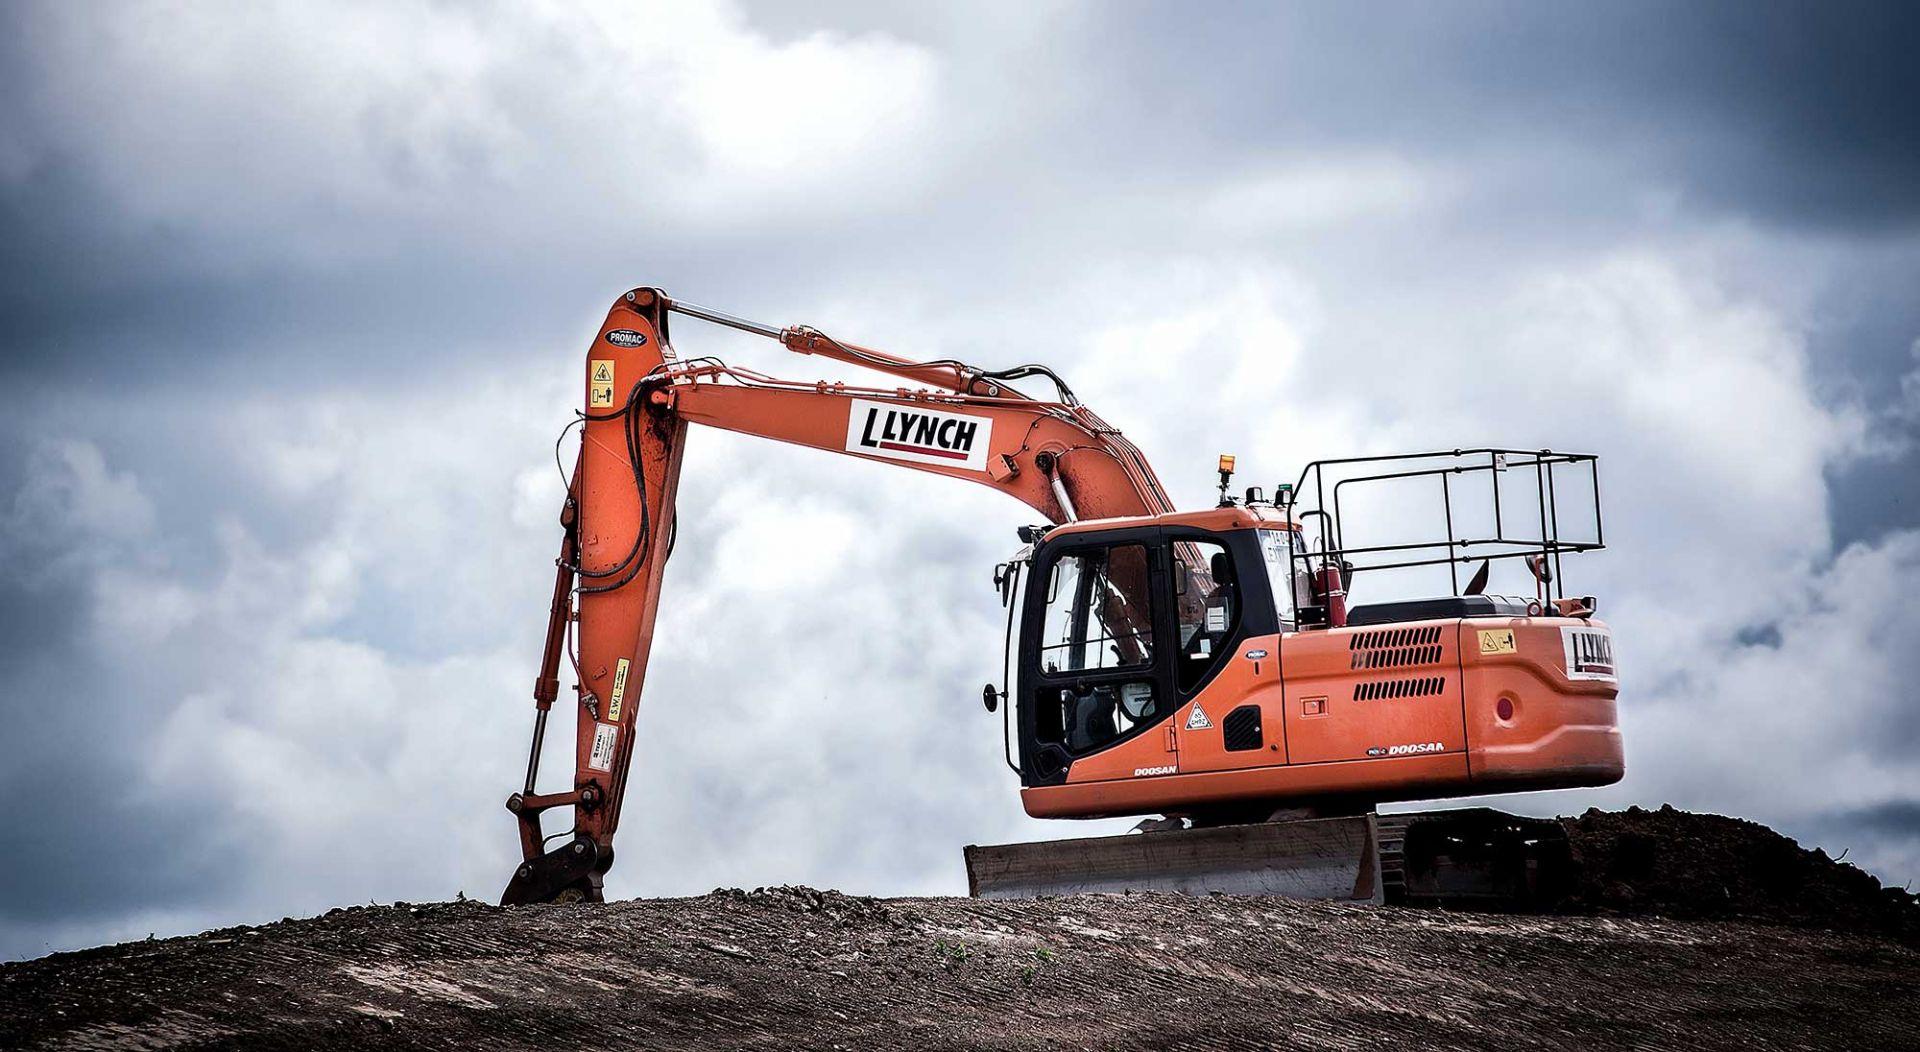 Large orange escavator working on mud hill.